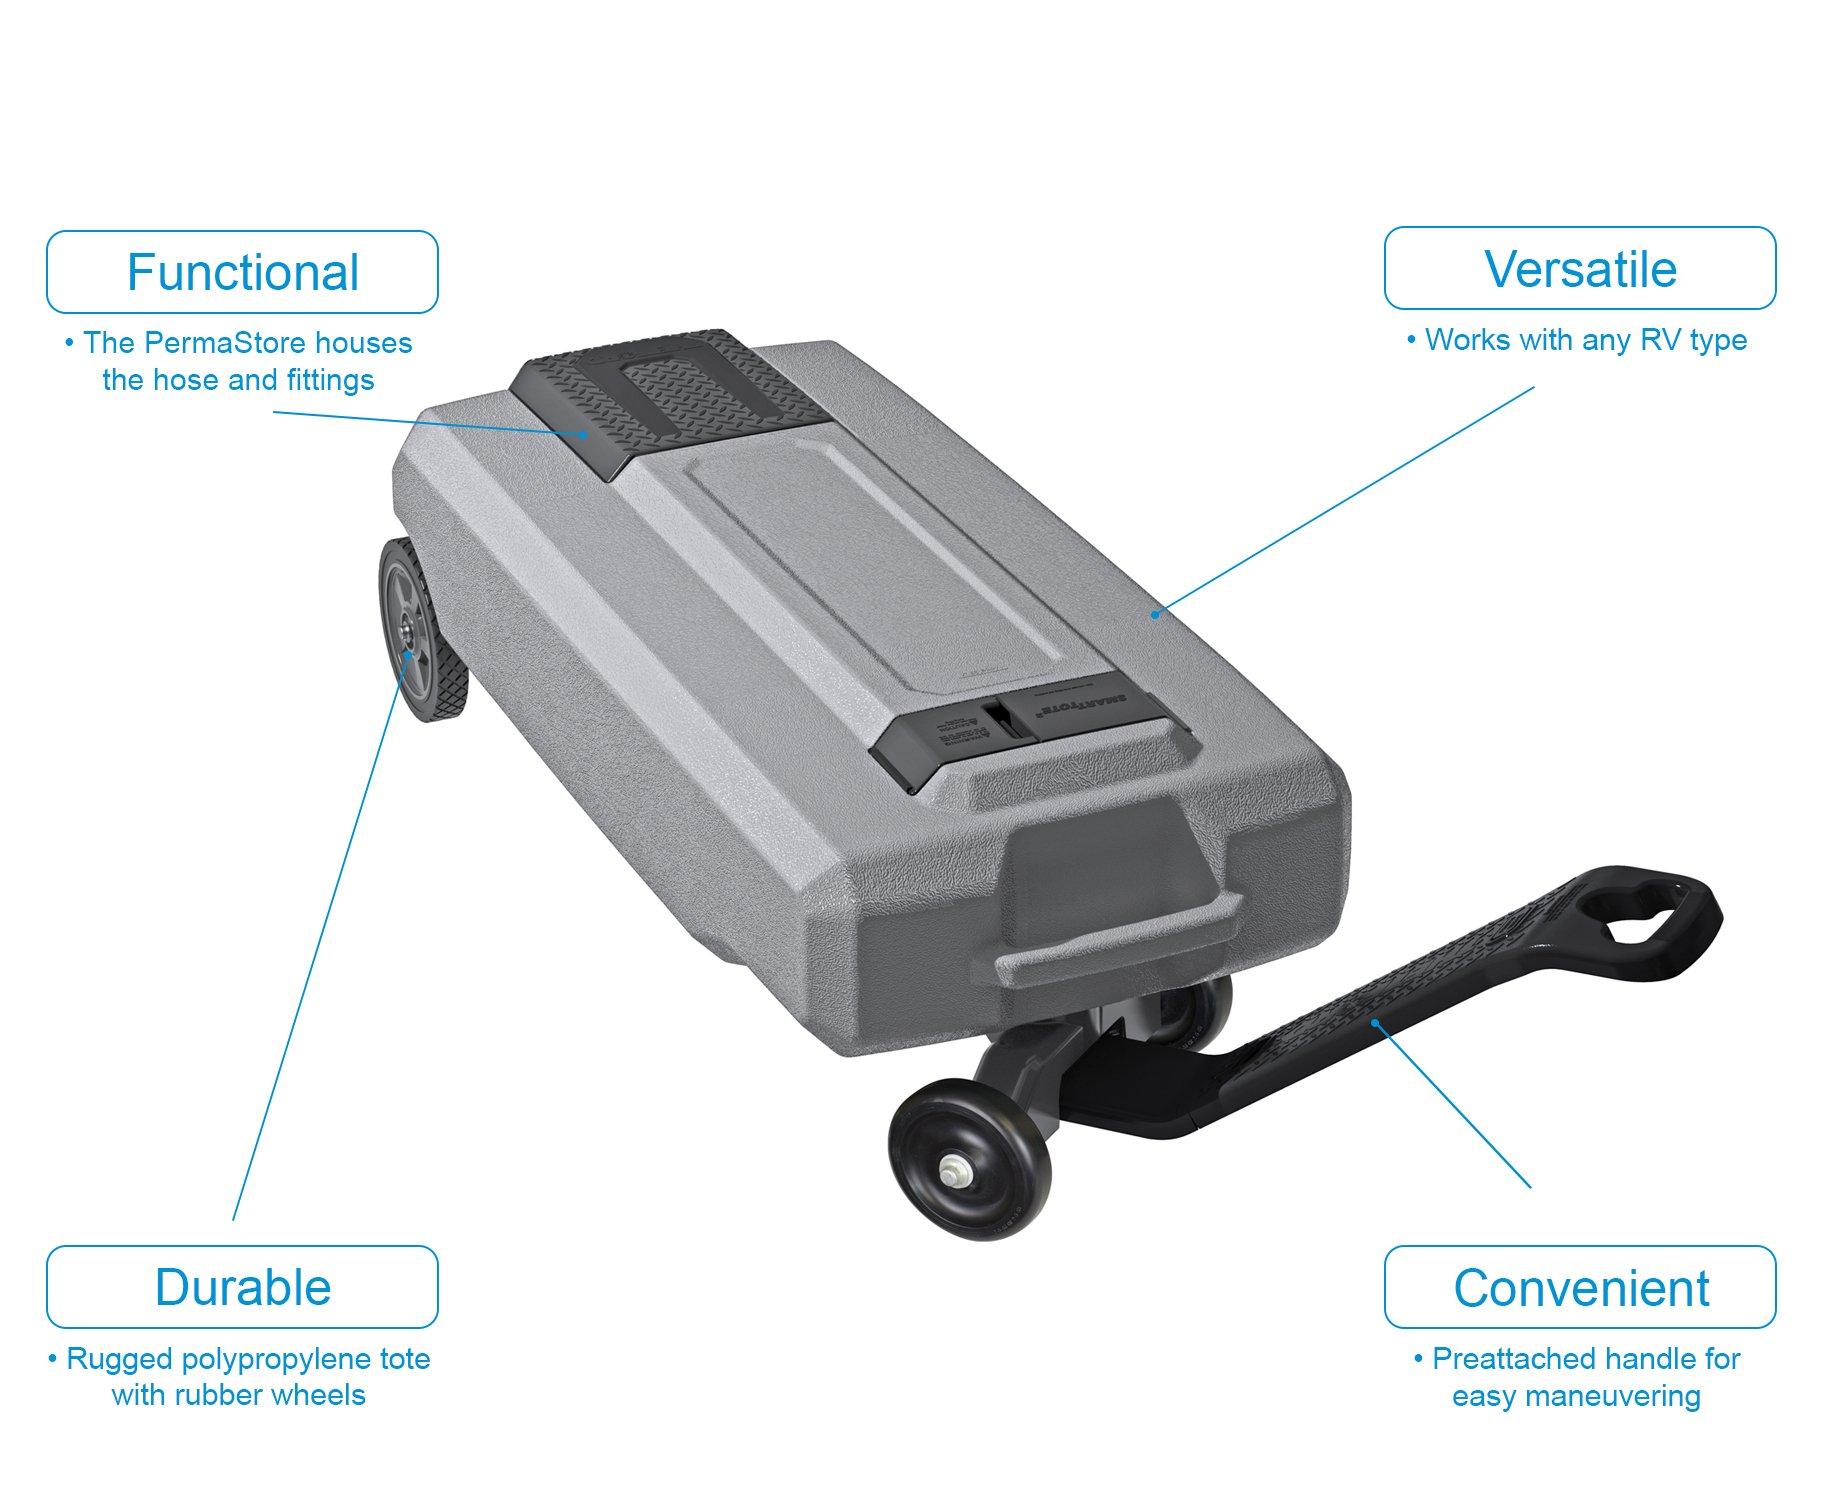 SmartTote2 RV Portable Waste Tote Tank - 4 Wheels - 35 Gallon - Thetford 40519 by SmartTote2 (Image #7)